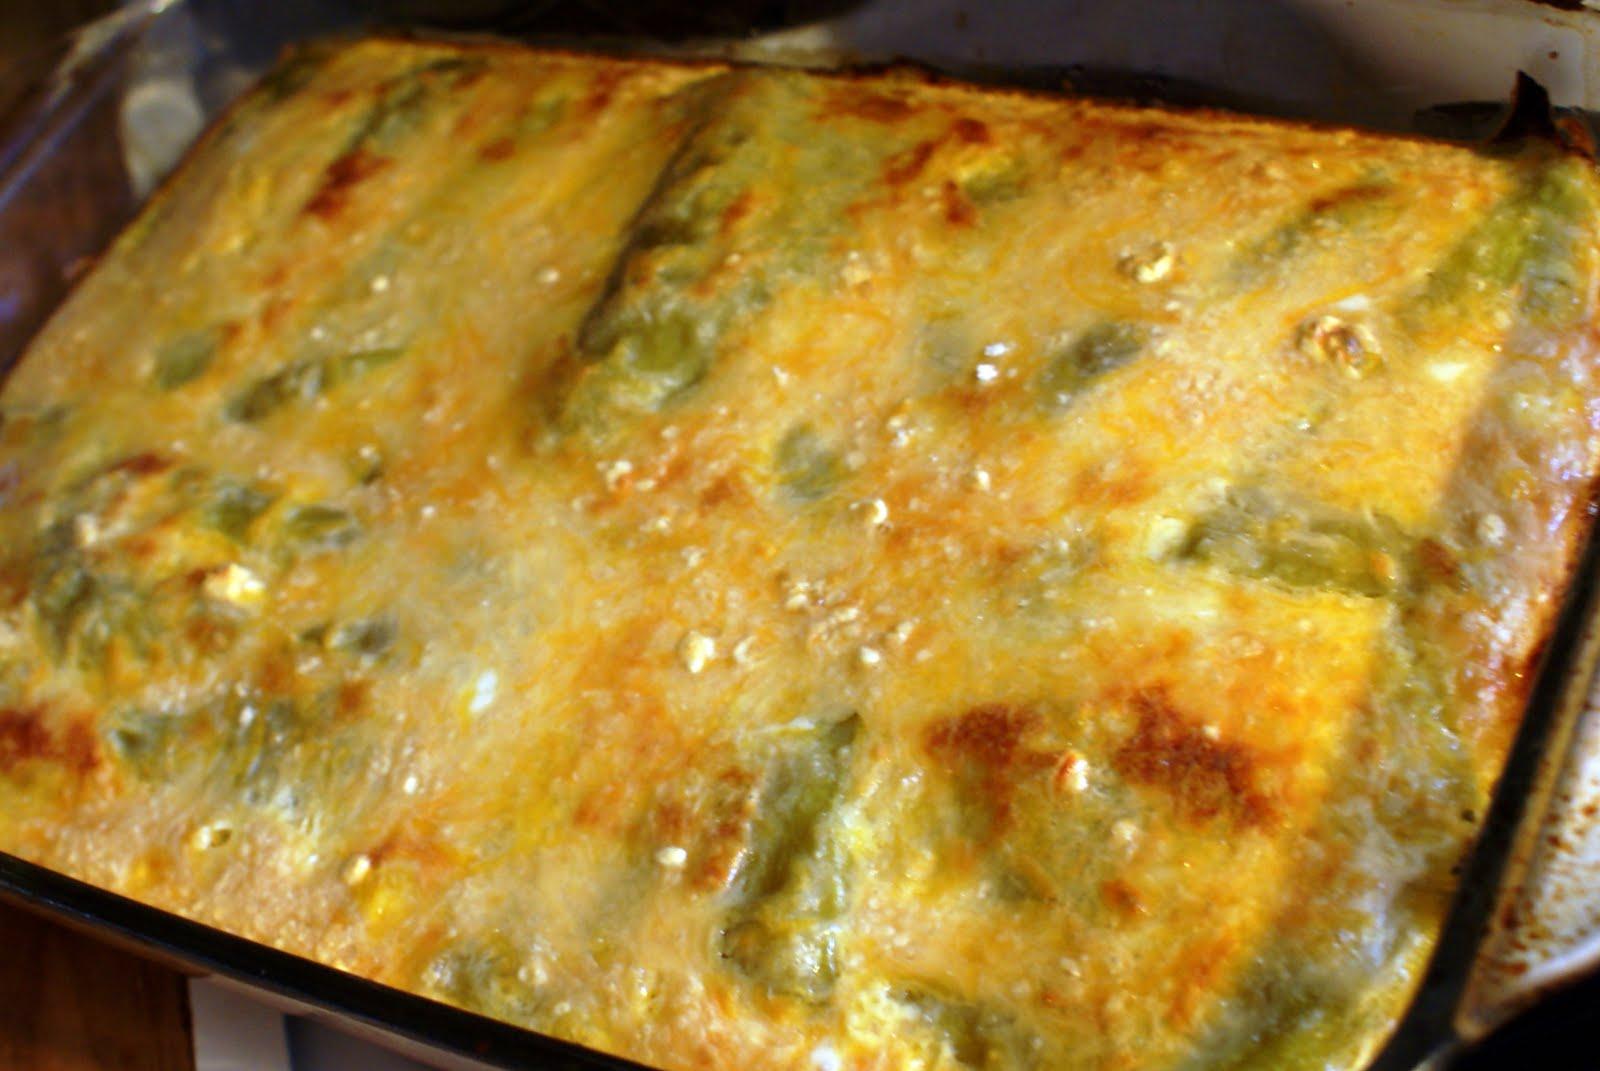 ... chile stew red chile martini day comfort robin s chile relleno bake